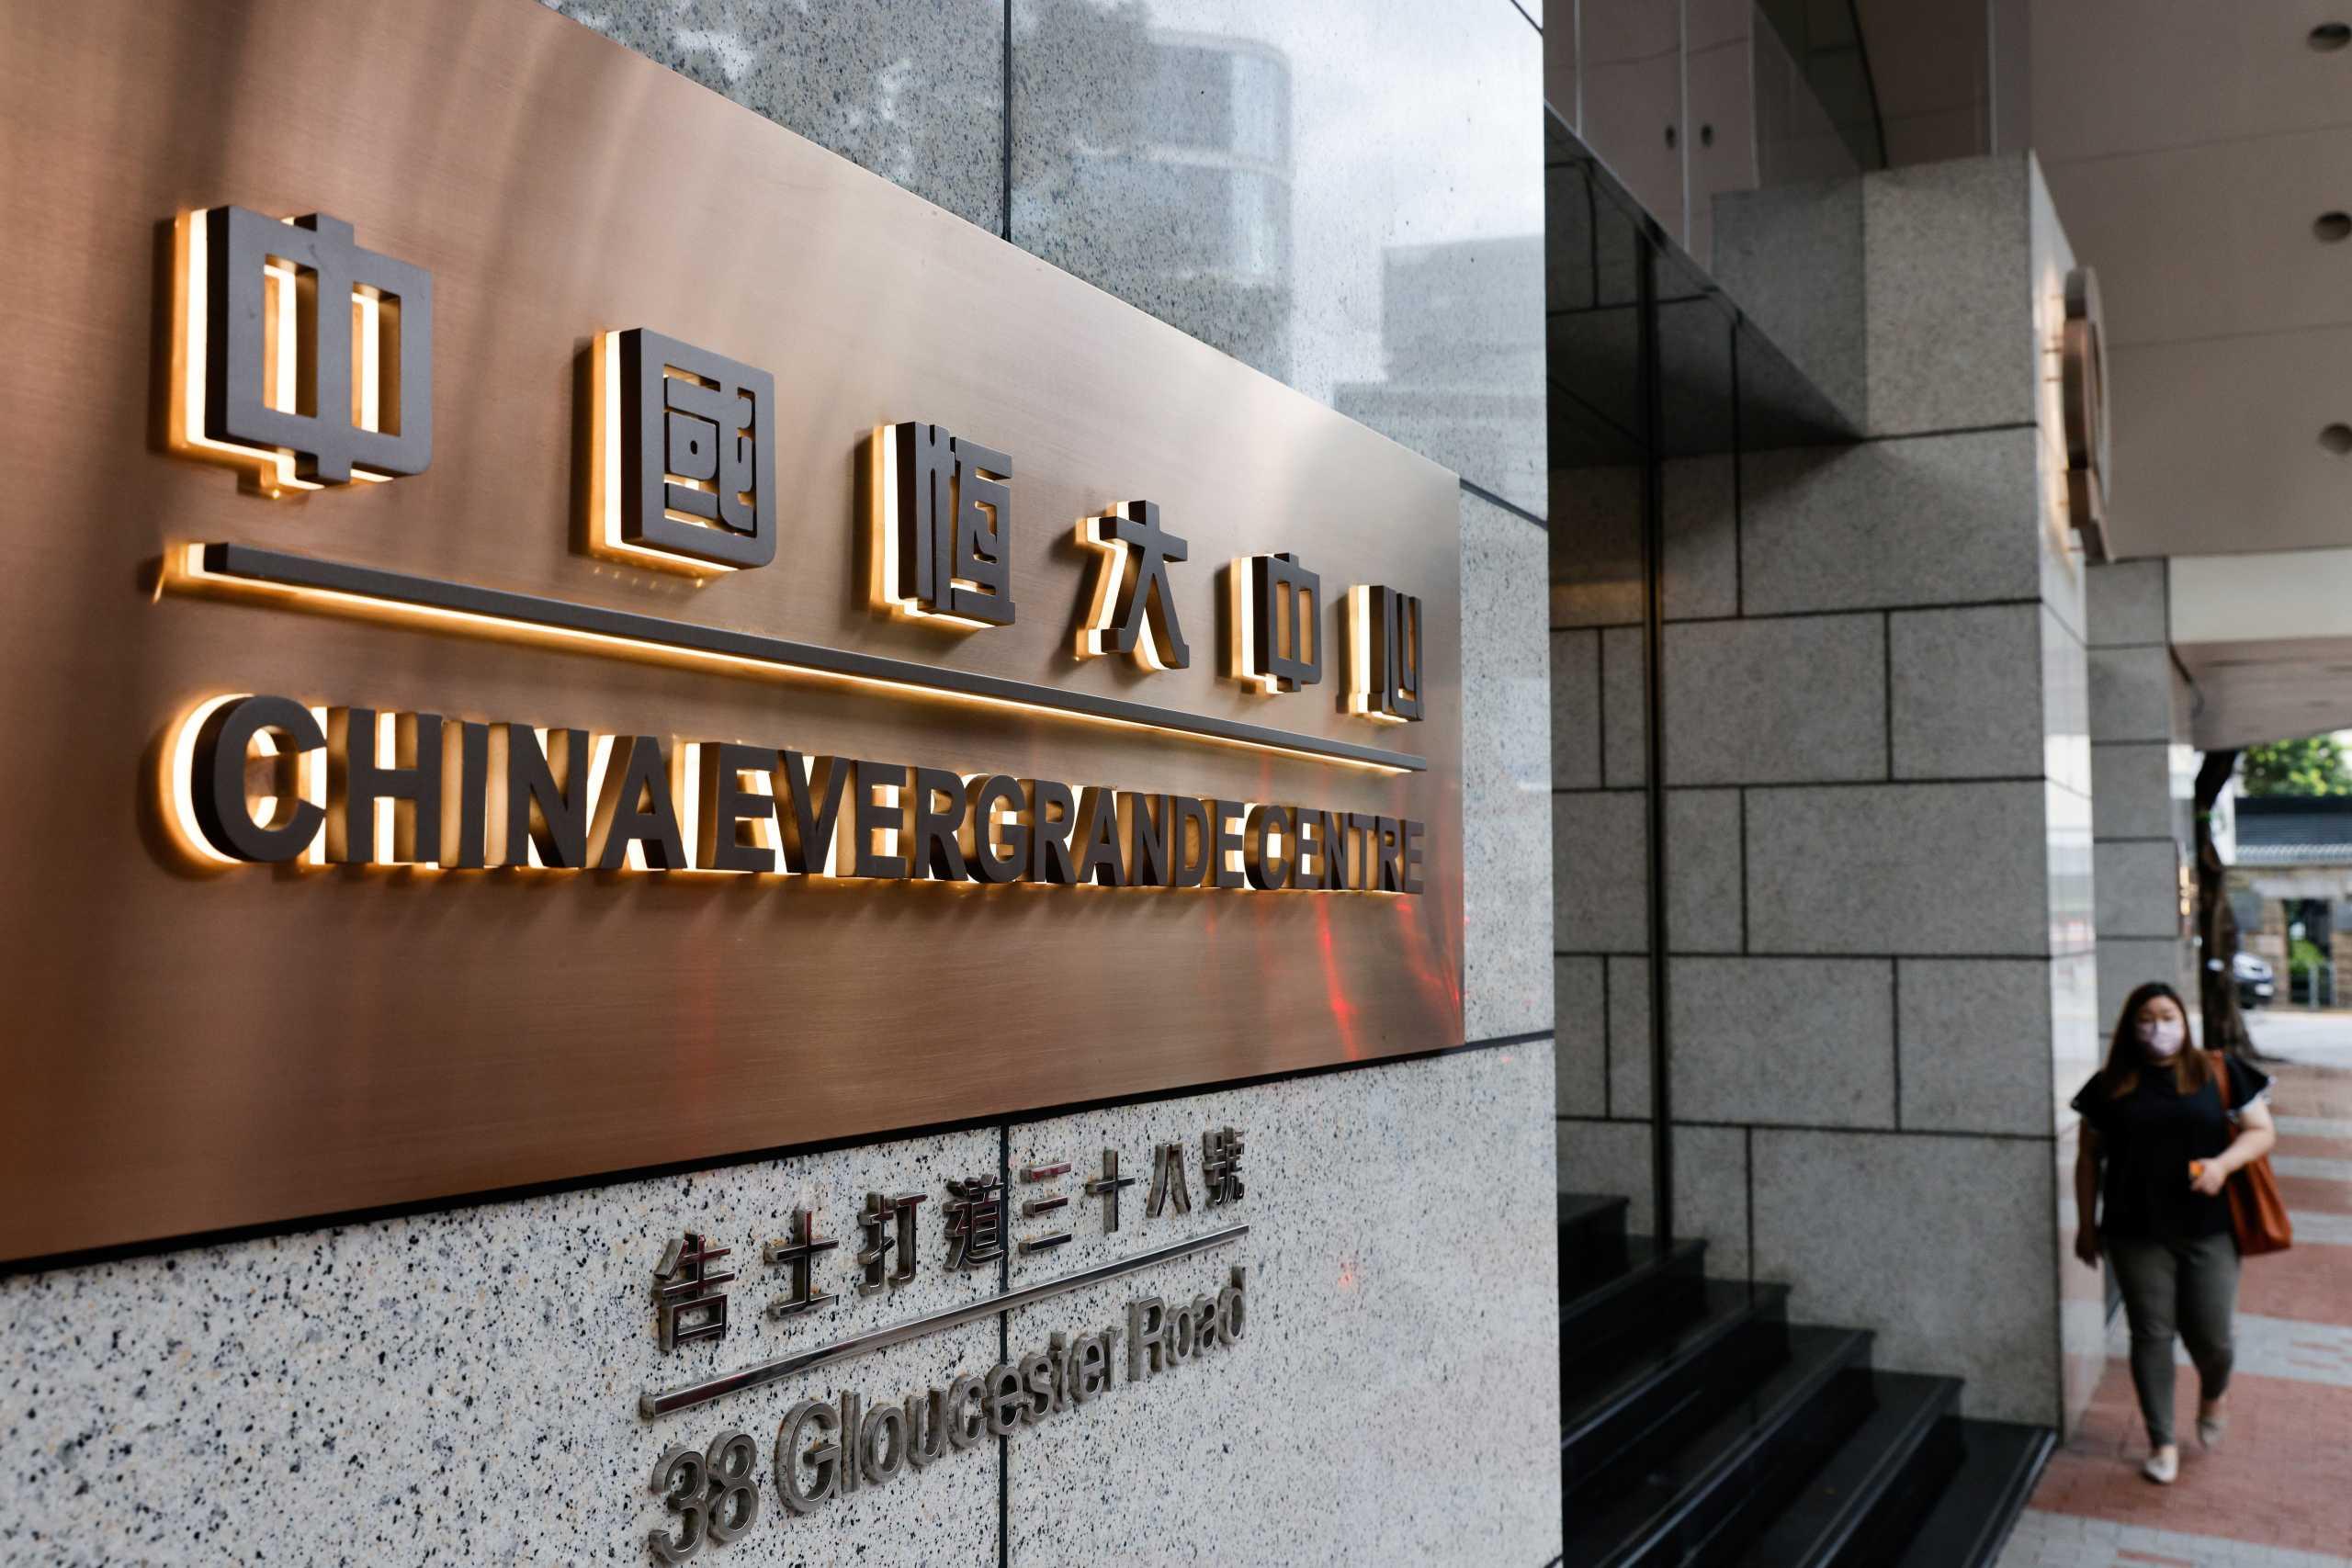 Κίνα: Προετοιμασίες για πιθανή κατάρρευση του ομίλου ακινήτων Evergrande